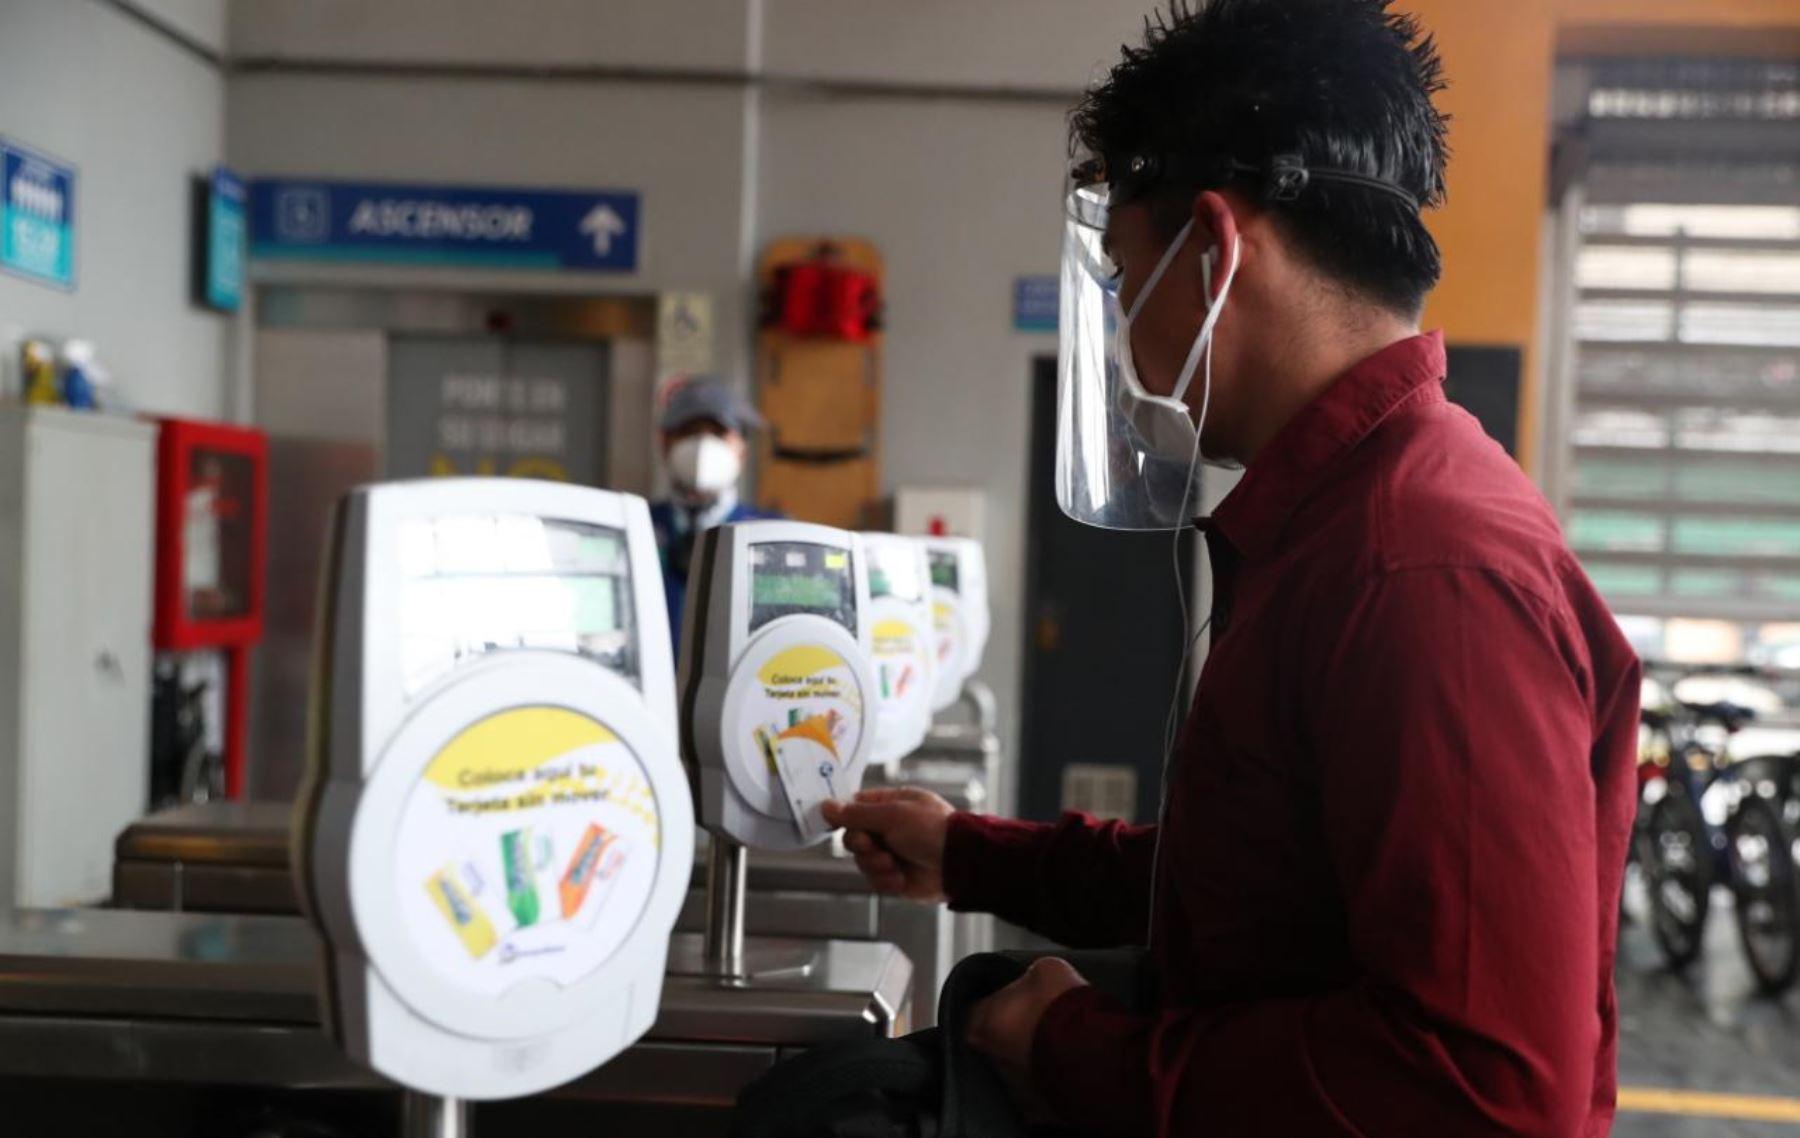 atu-usuarios-pagaran-pasaje-en-metropolitano-metro-y-corredores-con-la-misma-tarjeta